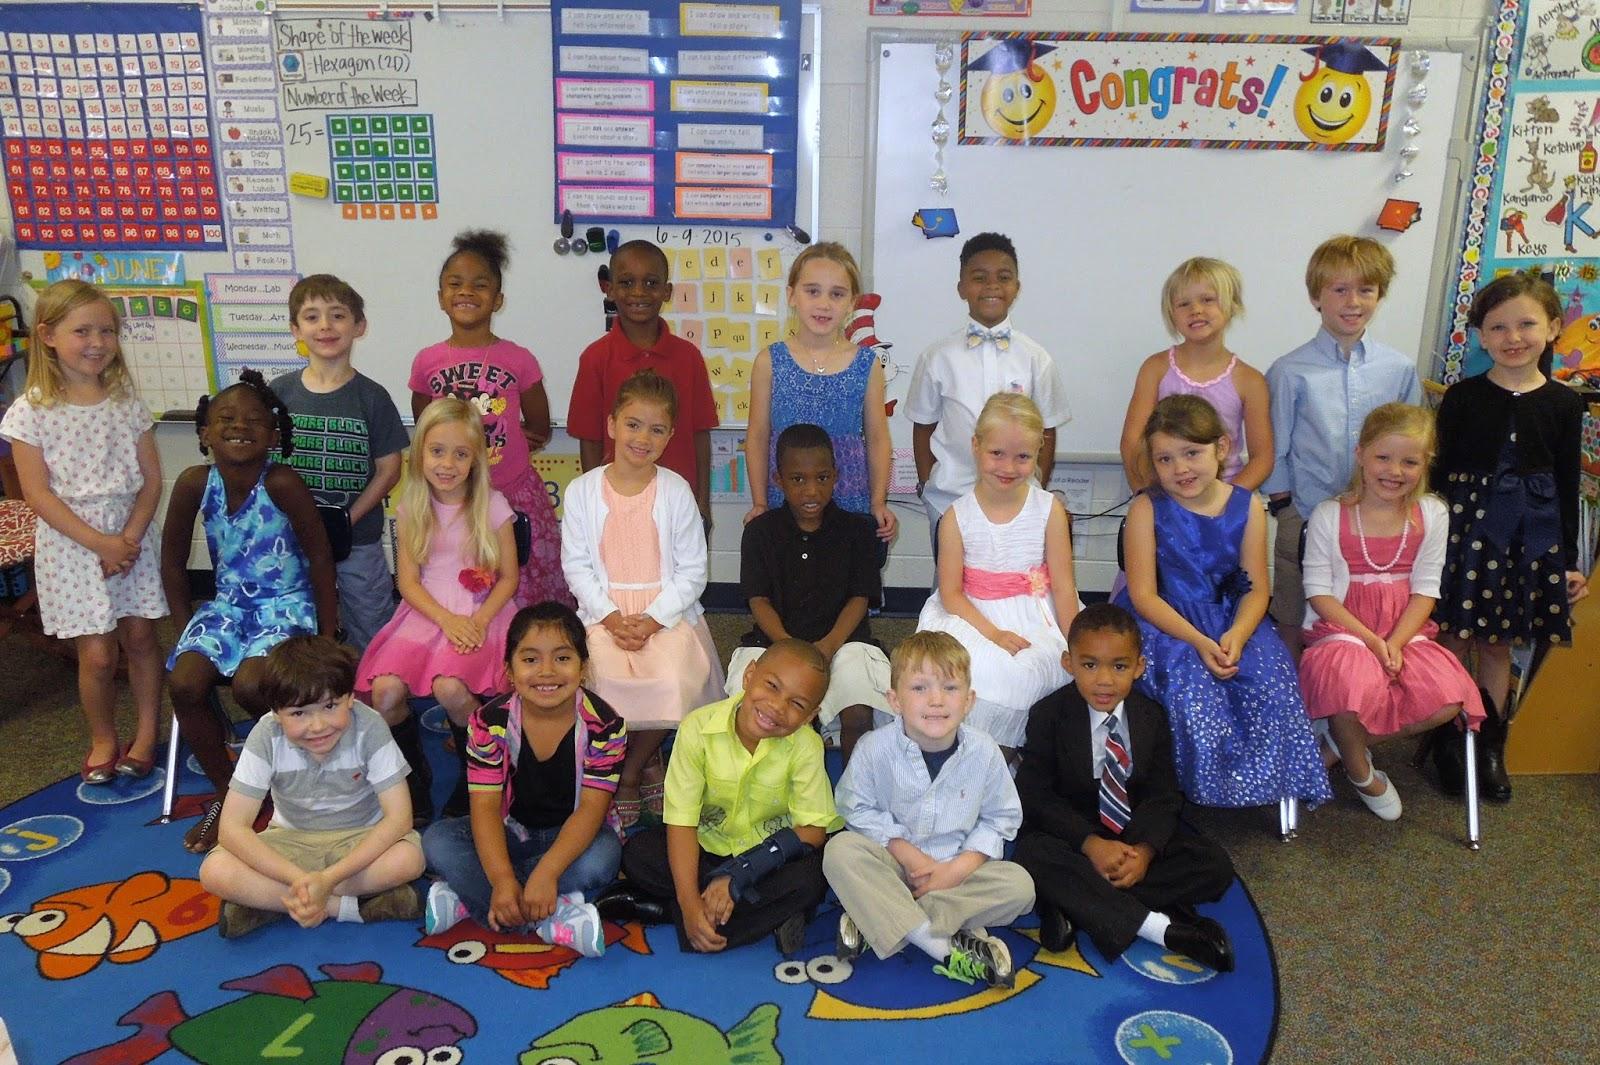 Kindergarten Classroom: Miss Jones' Kindergarten Class: June 2015